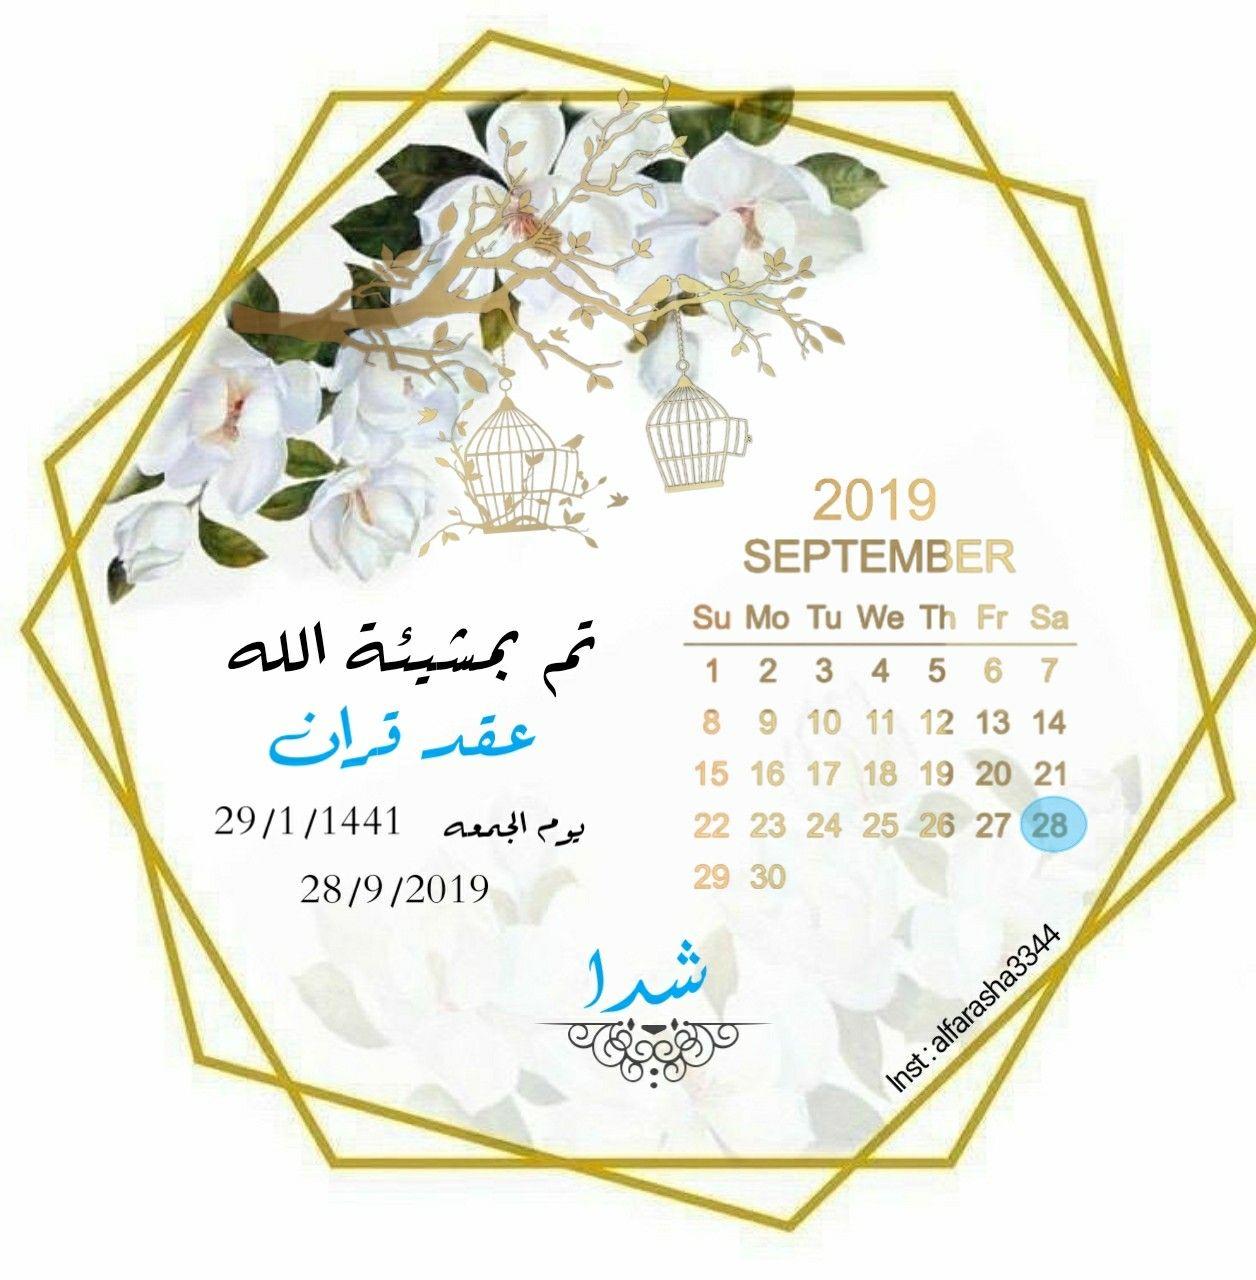 Insta Alfarasha3344 للتصاميم والمونتاج المملكه العربيه السعوديه الرياض جده الشرقيه ا Floral Cards Design Wedding Logo Design Simple Wedding Invitation Card